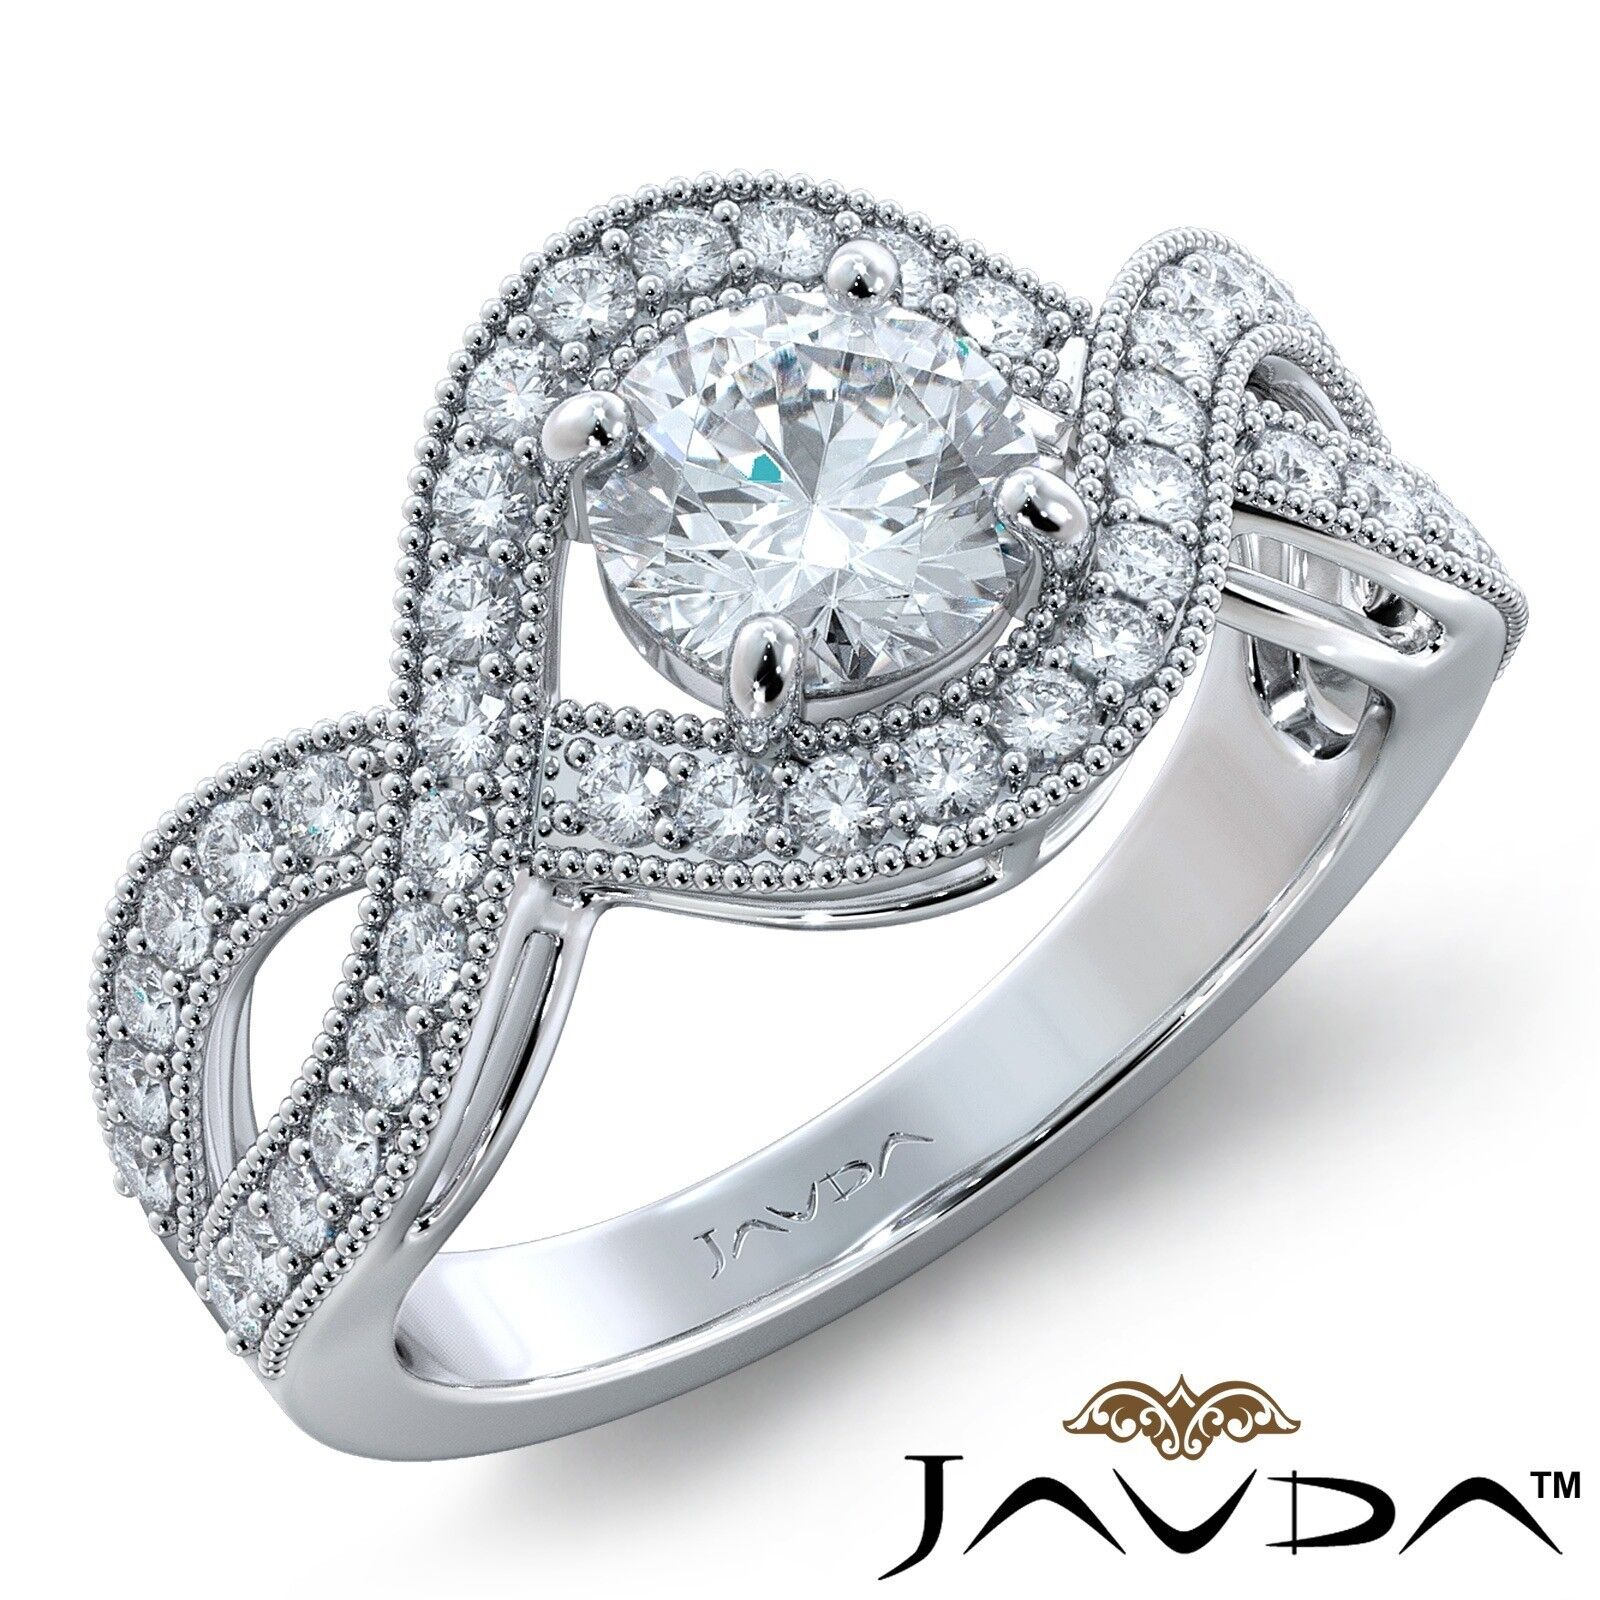 1.16ctw Milgrain Halo Side Stone Round Diamond Engagement Ring GIA G-SI1 W Gold